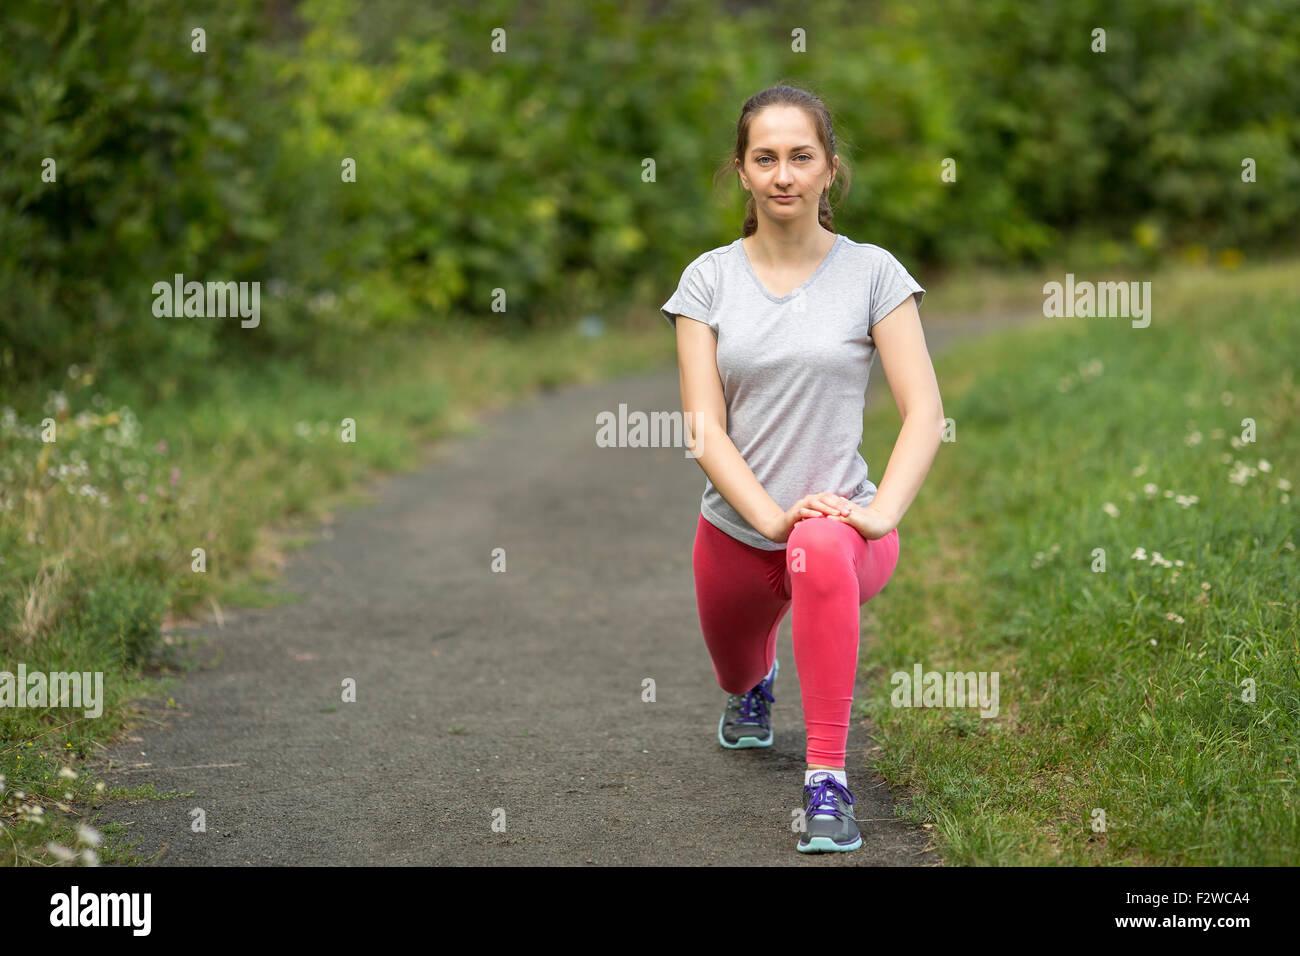 Sportliche Mädchen ist draußen erwärmt. Eine gesunde Lebensweise. Stockbild